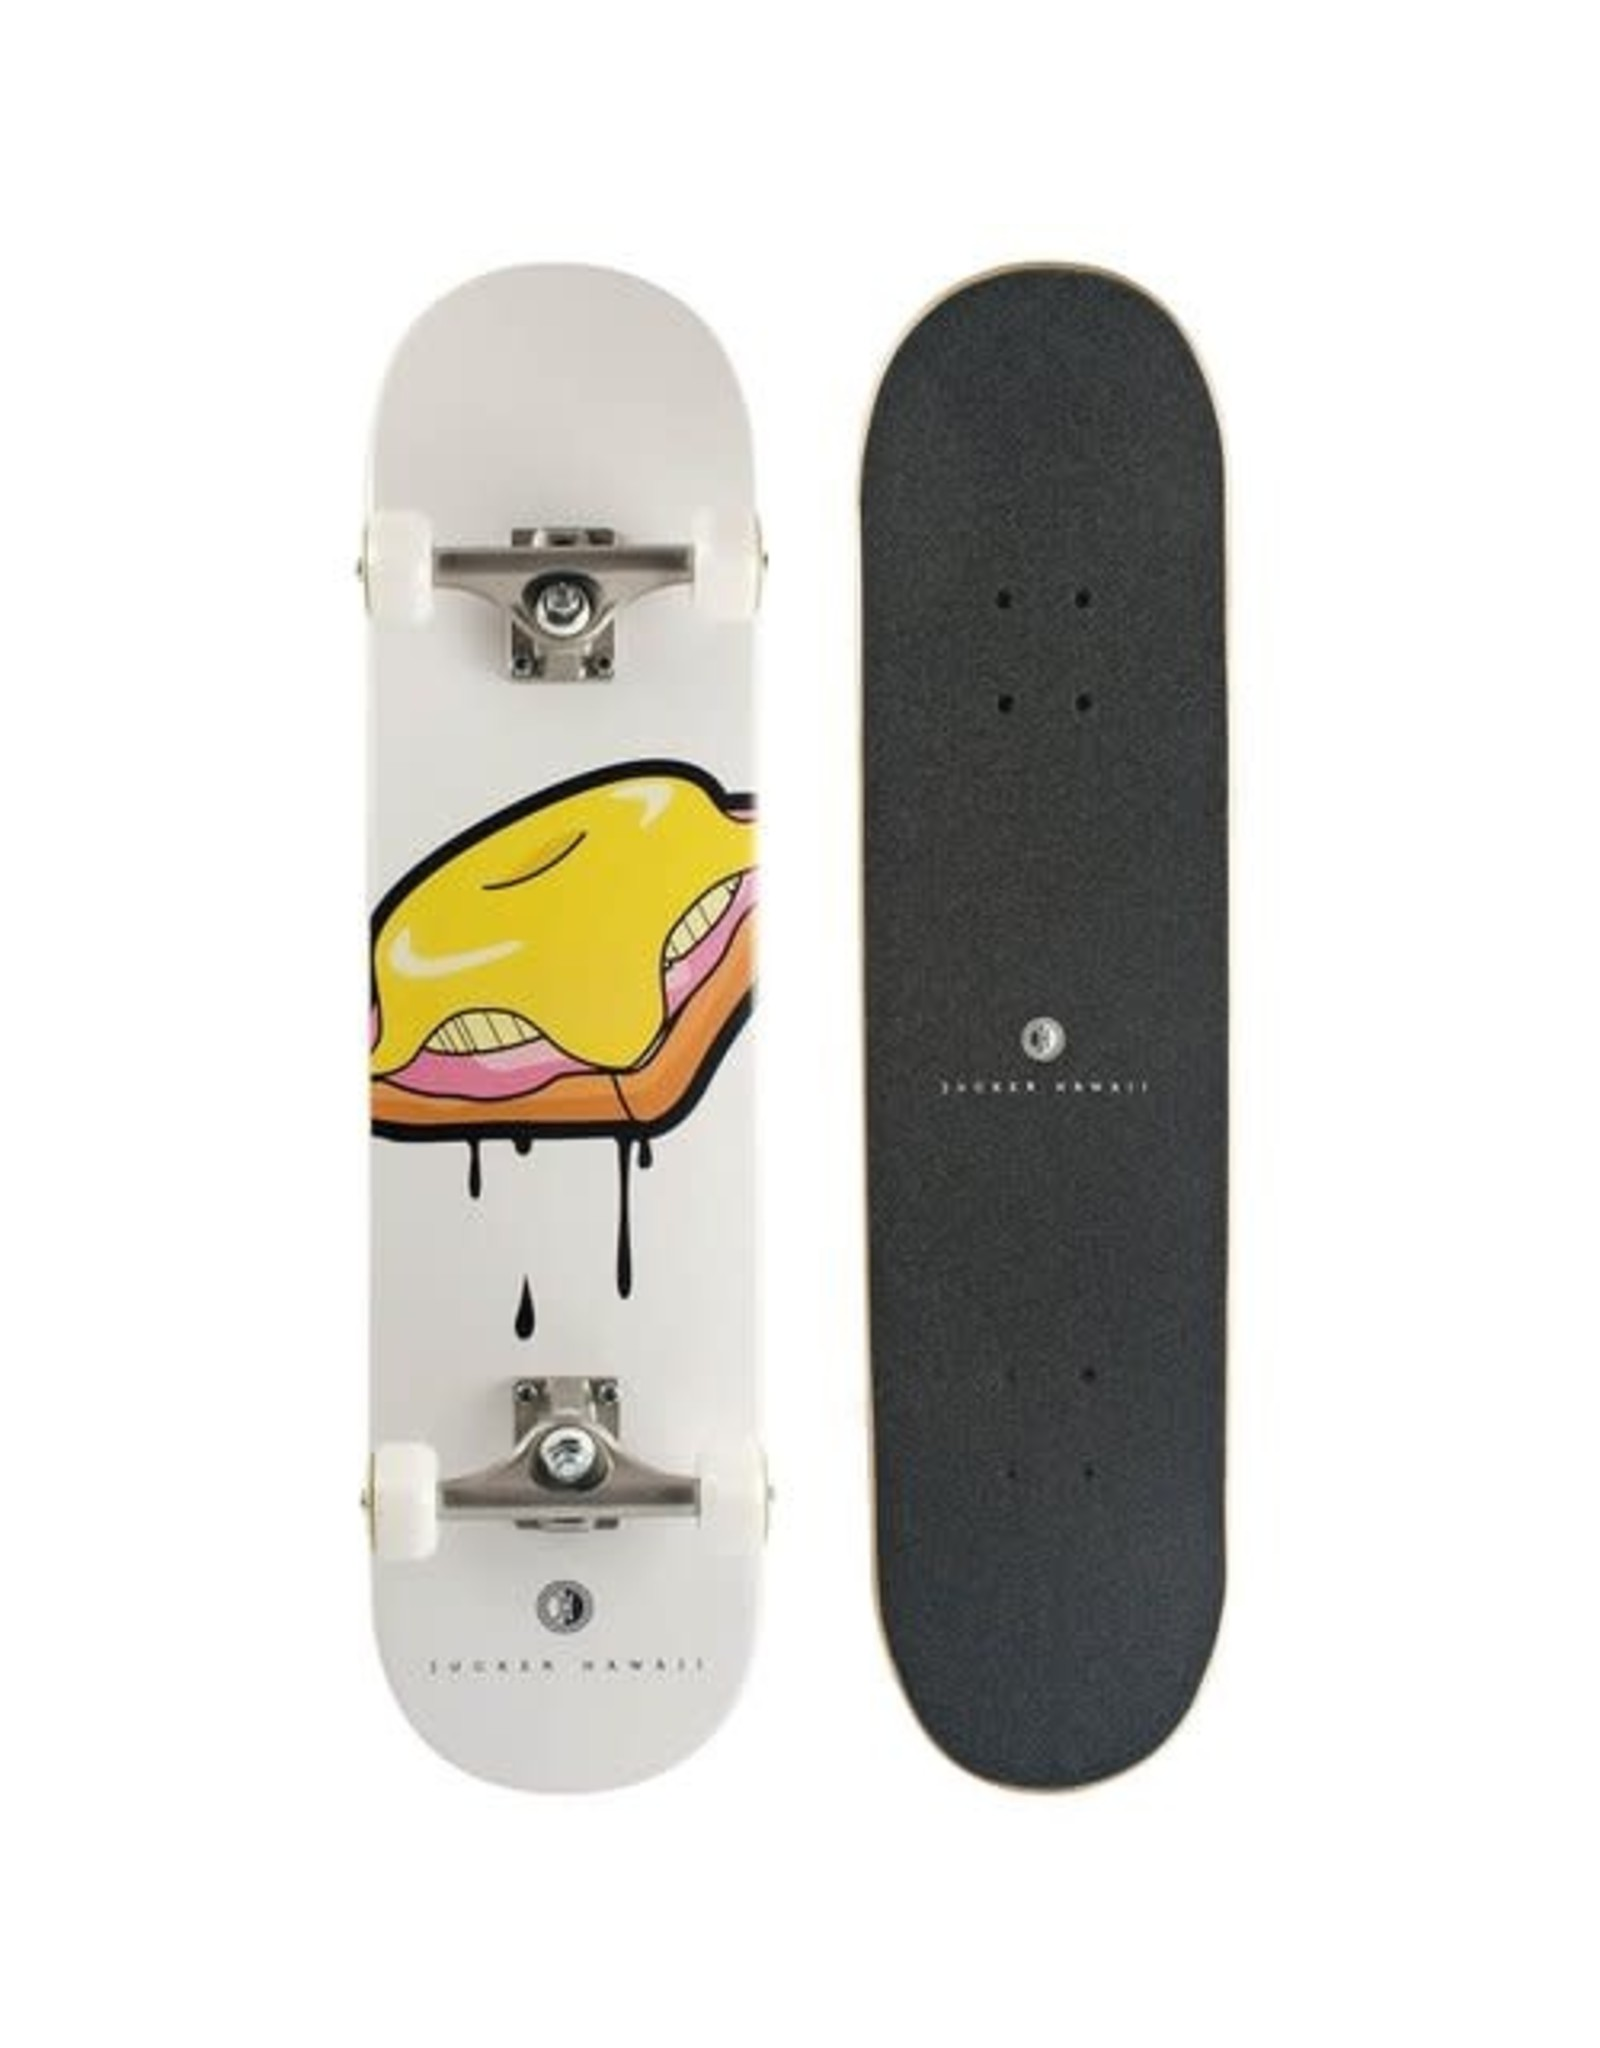 """Jucker Hawaii Jucker Hawaii 8.0"""" Skateboard TOAST Solo Complete"""